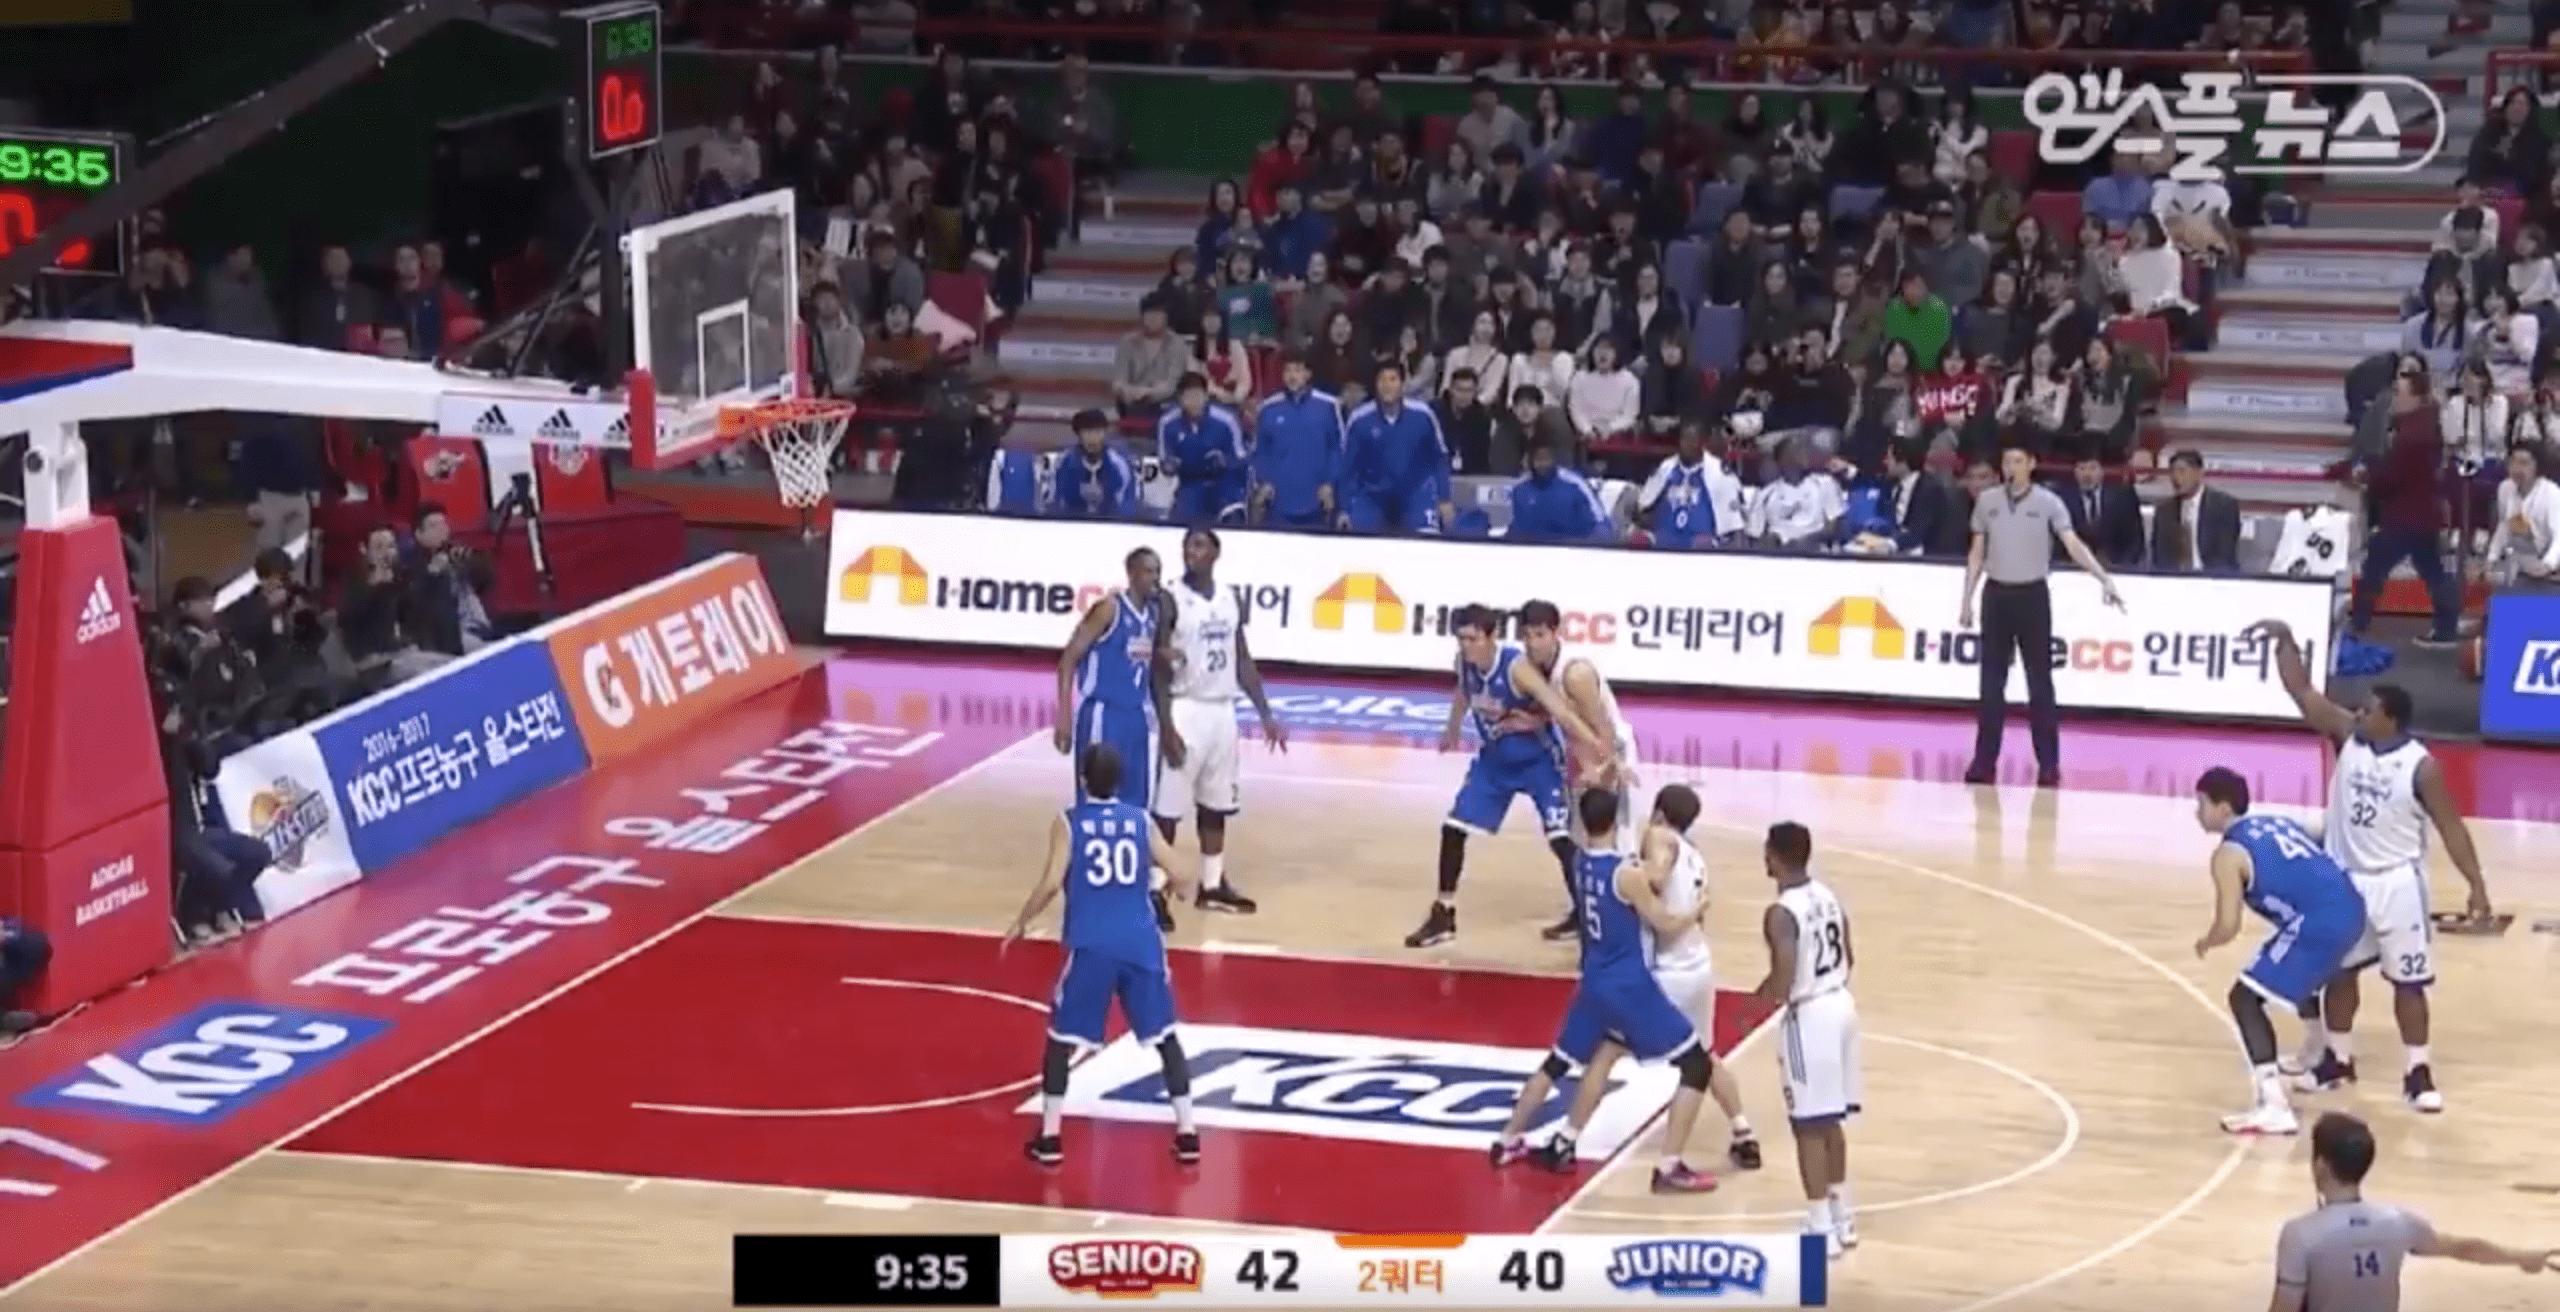 En plein milieu du All-Star Game Coréen, les joueurs font un Mannequin Challenge